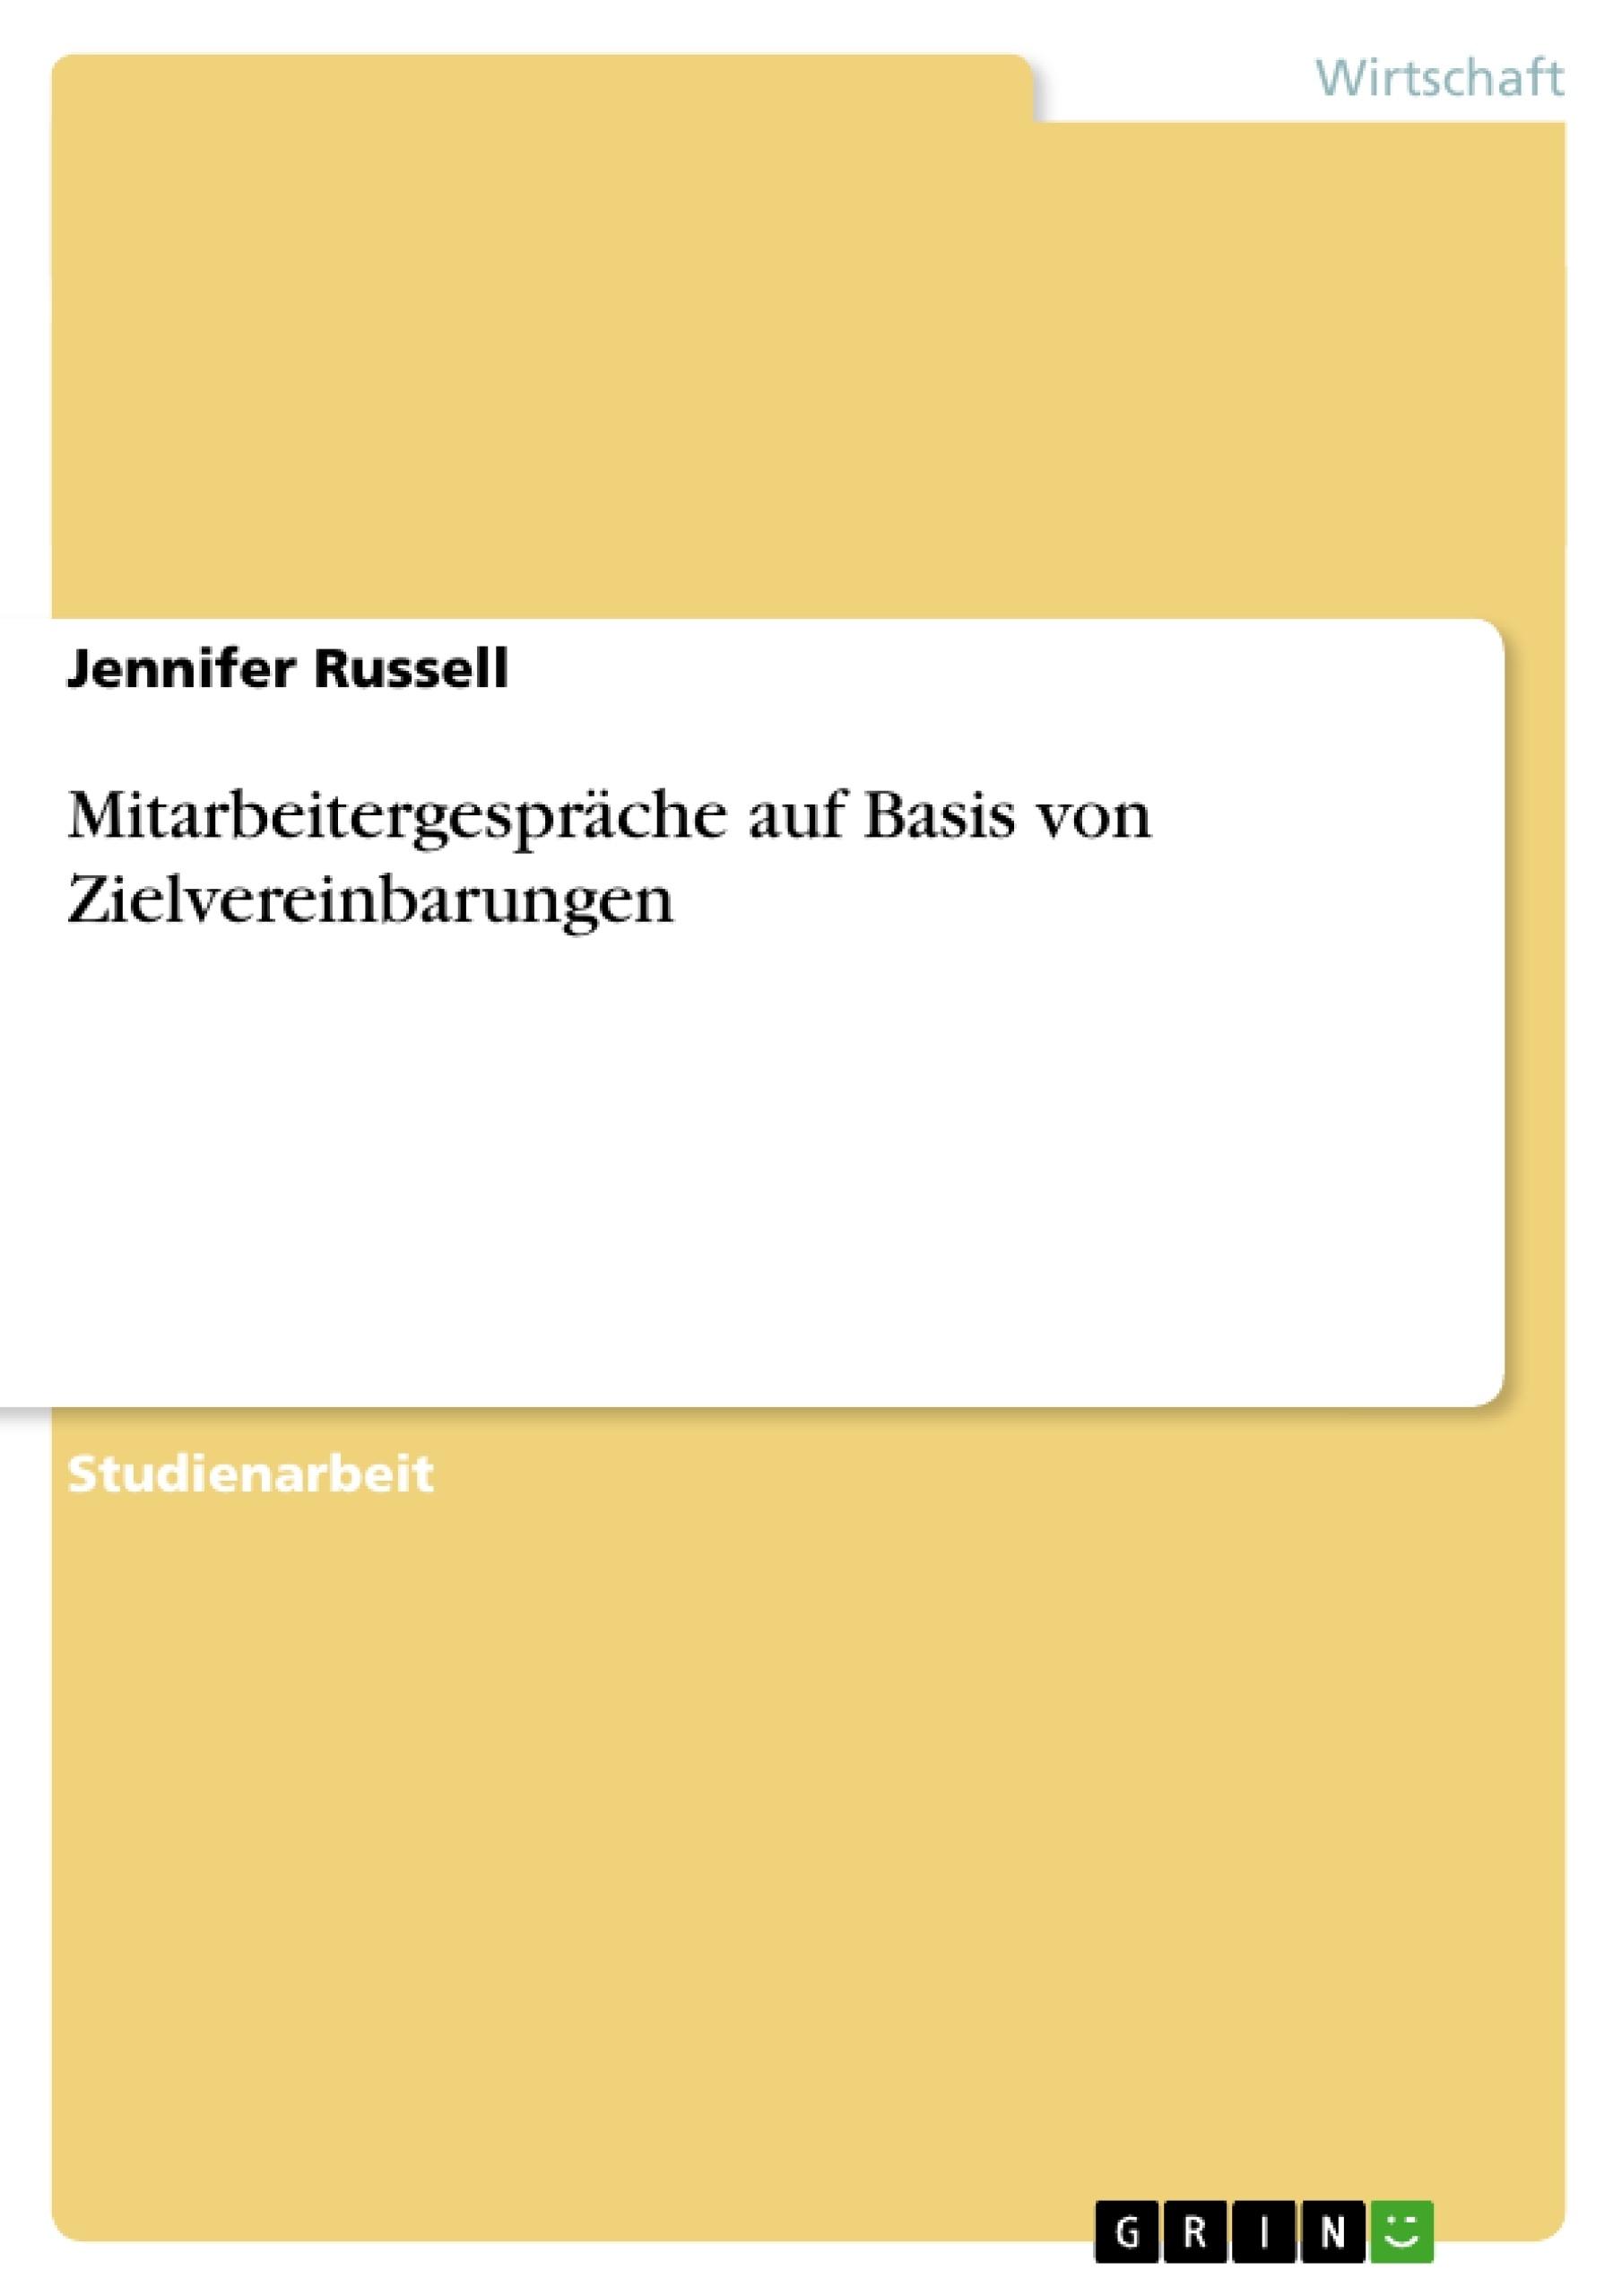 Titel: Mitarbeitergespräche auf Basis von Zielvereinbarungen